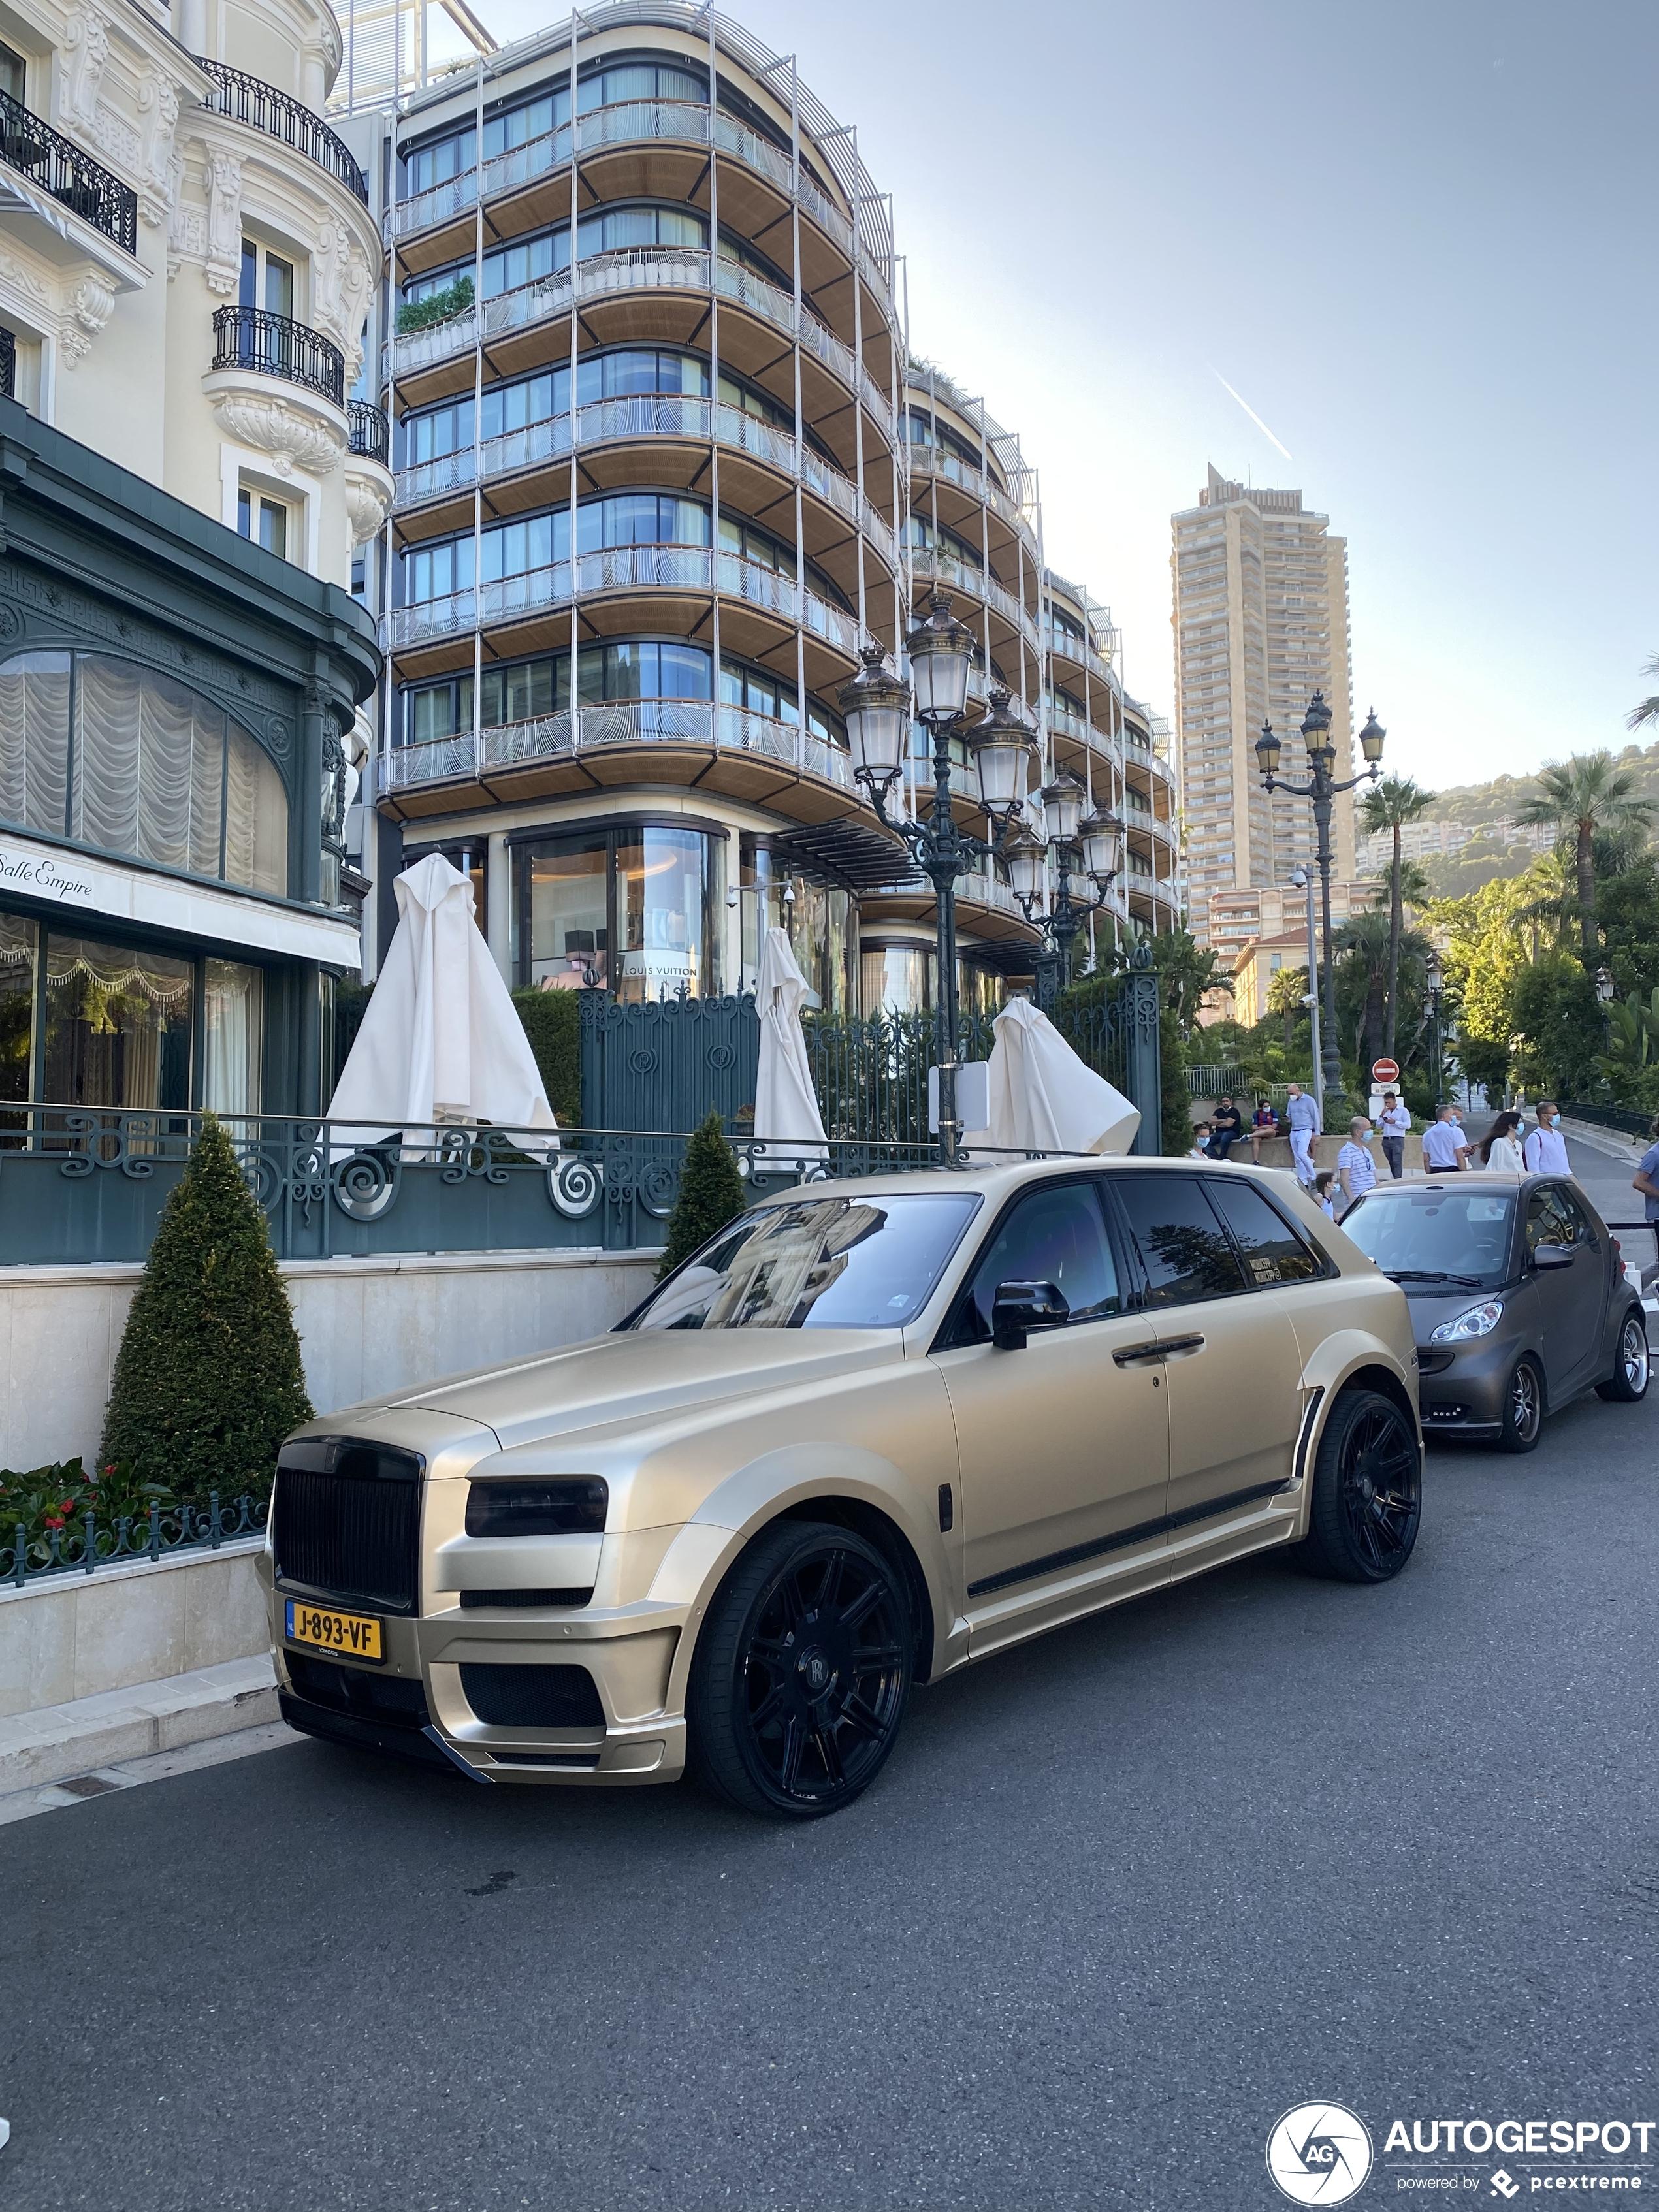 Mobicep geniet van het leven in Monaco